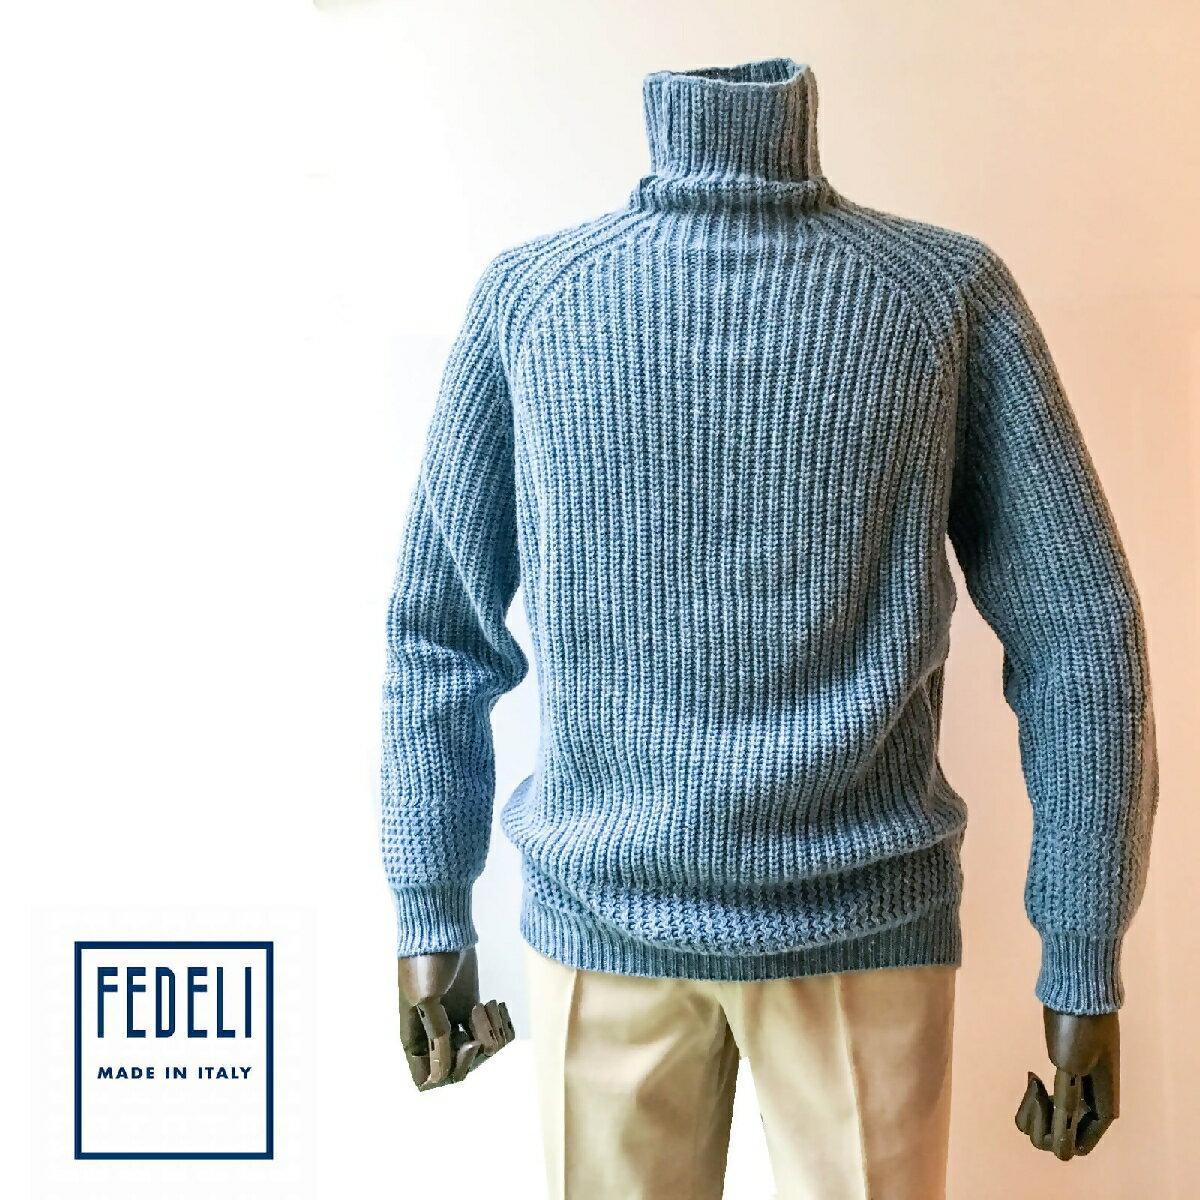 FEDELI (フェデーリ) ローゲージカシミヤニットタートルネックセーターメンズ カジュアル 長袖 ブルー おしゃれ ブランド 大きいサイズ